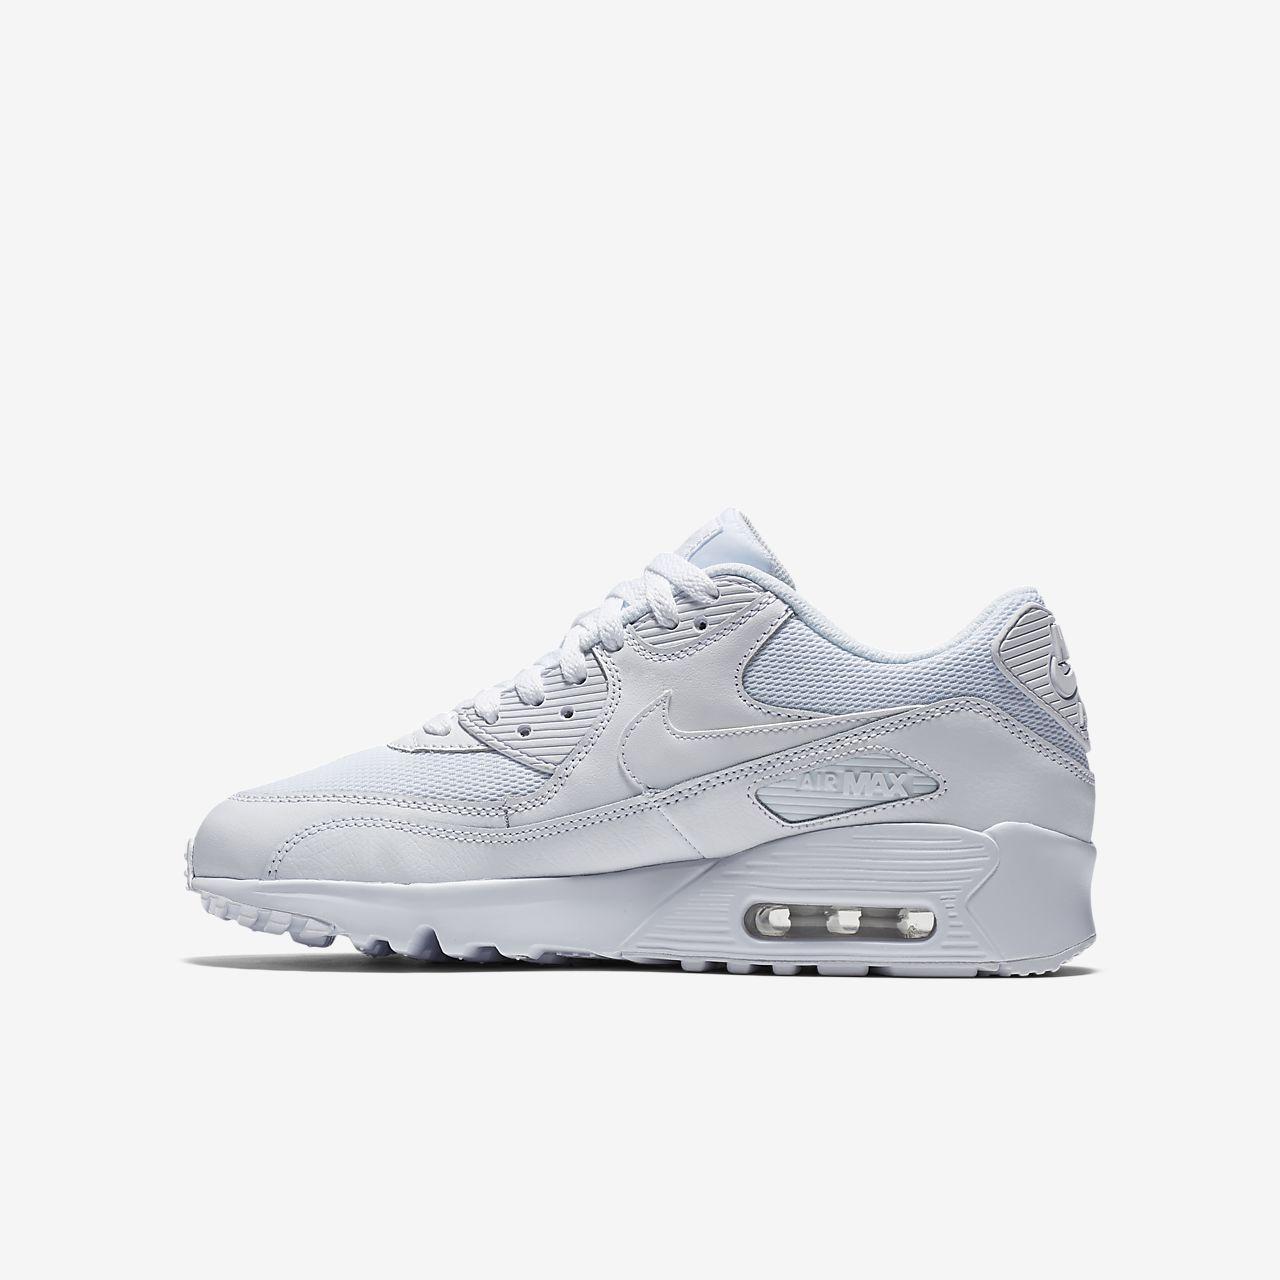 best website f10f7 9a9e1 Neueste Nike Air Max 90 Mesh Schuh Weiß Alle Herren